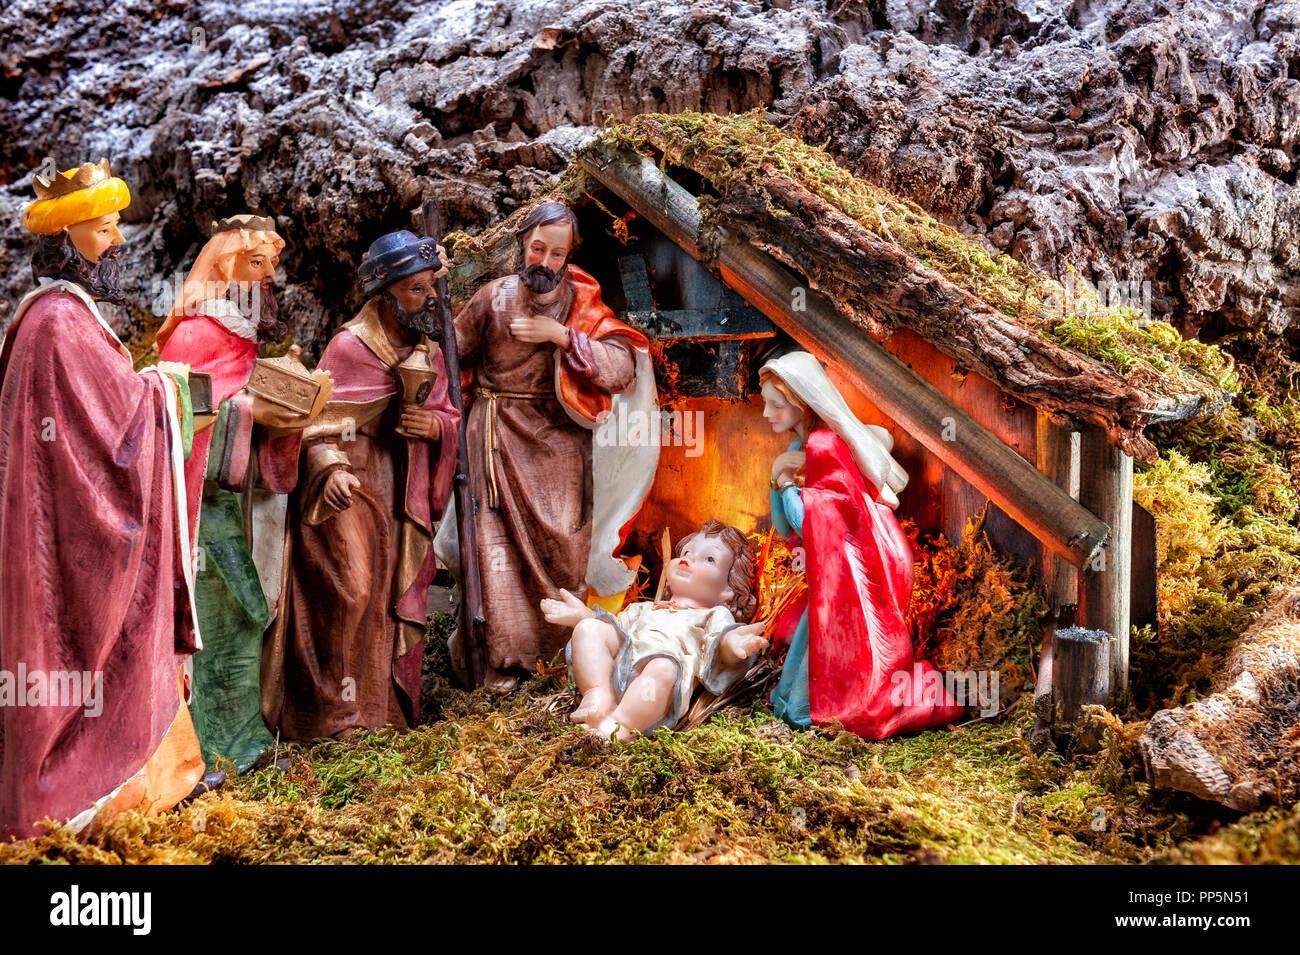 Fotos De El Pesebre De Jesus.Cerca Del Pesebre Navideno Cabana Con El Nino Jesus En El